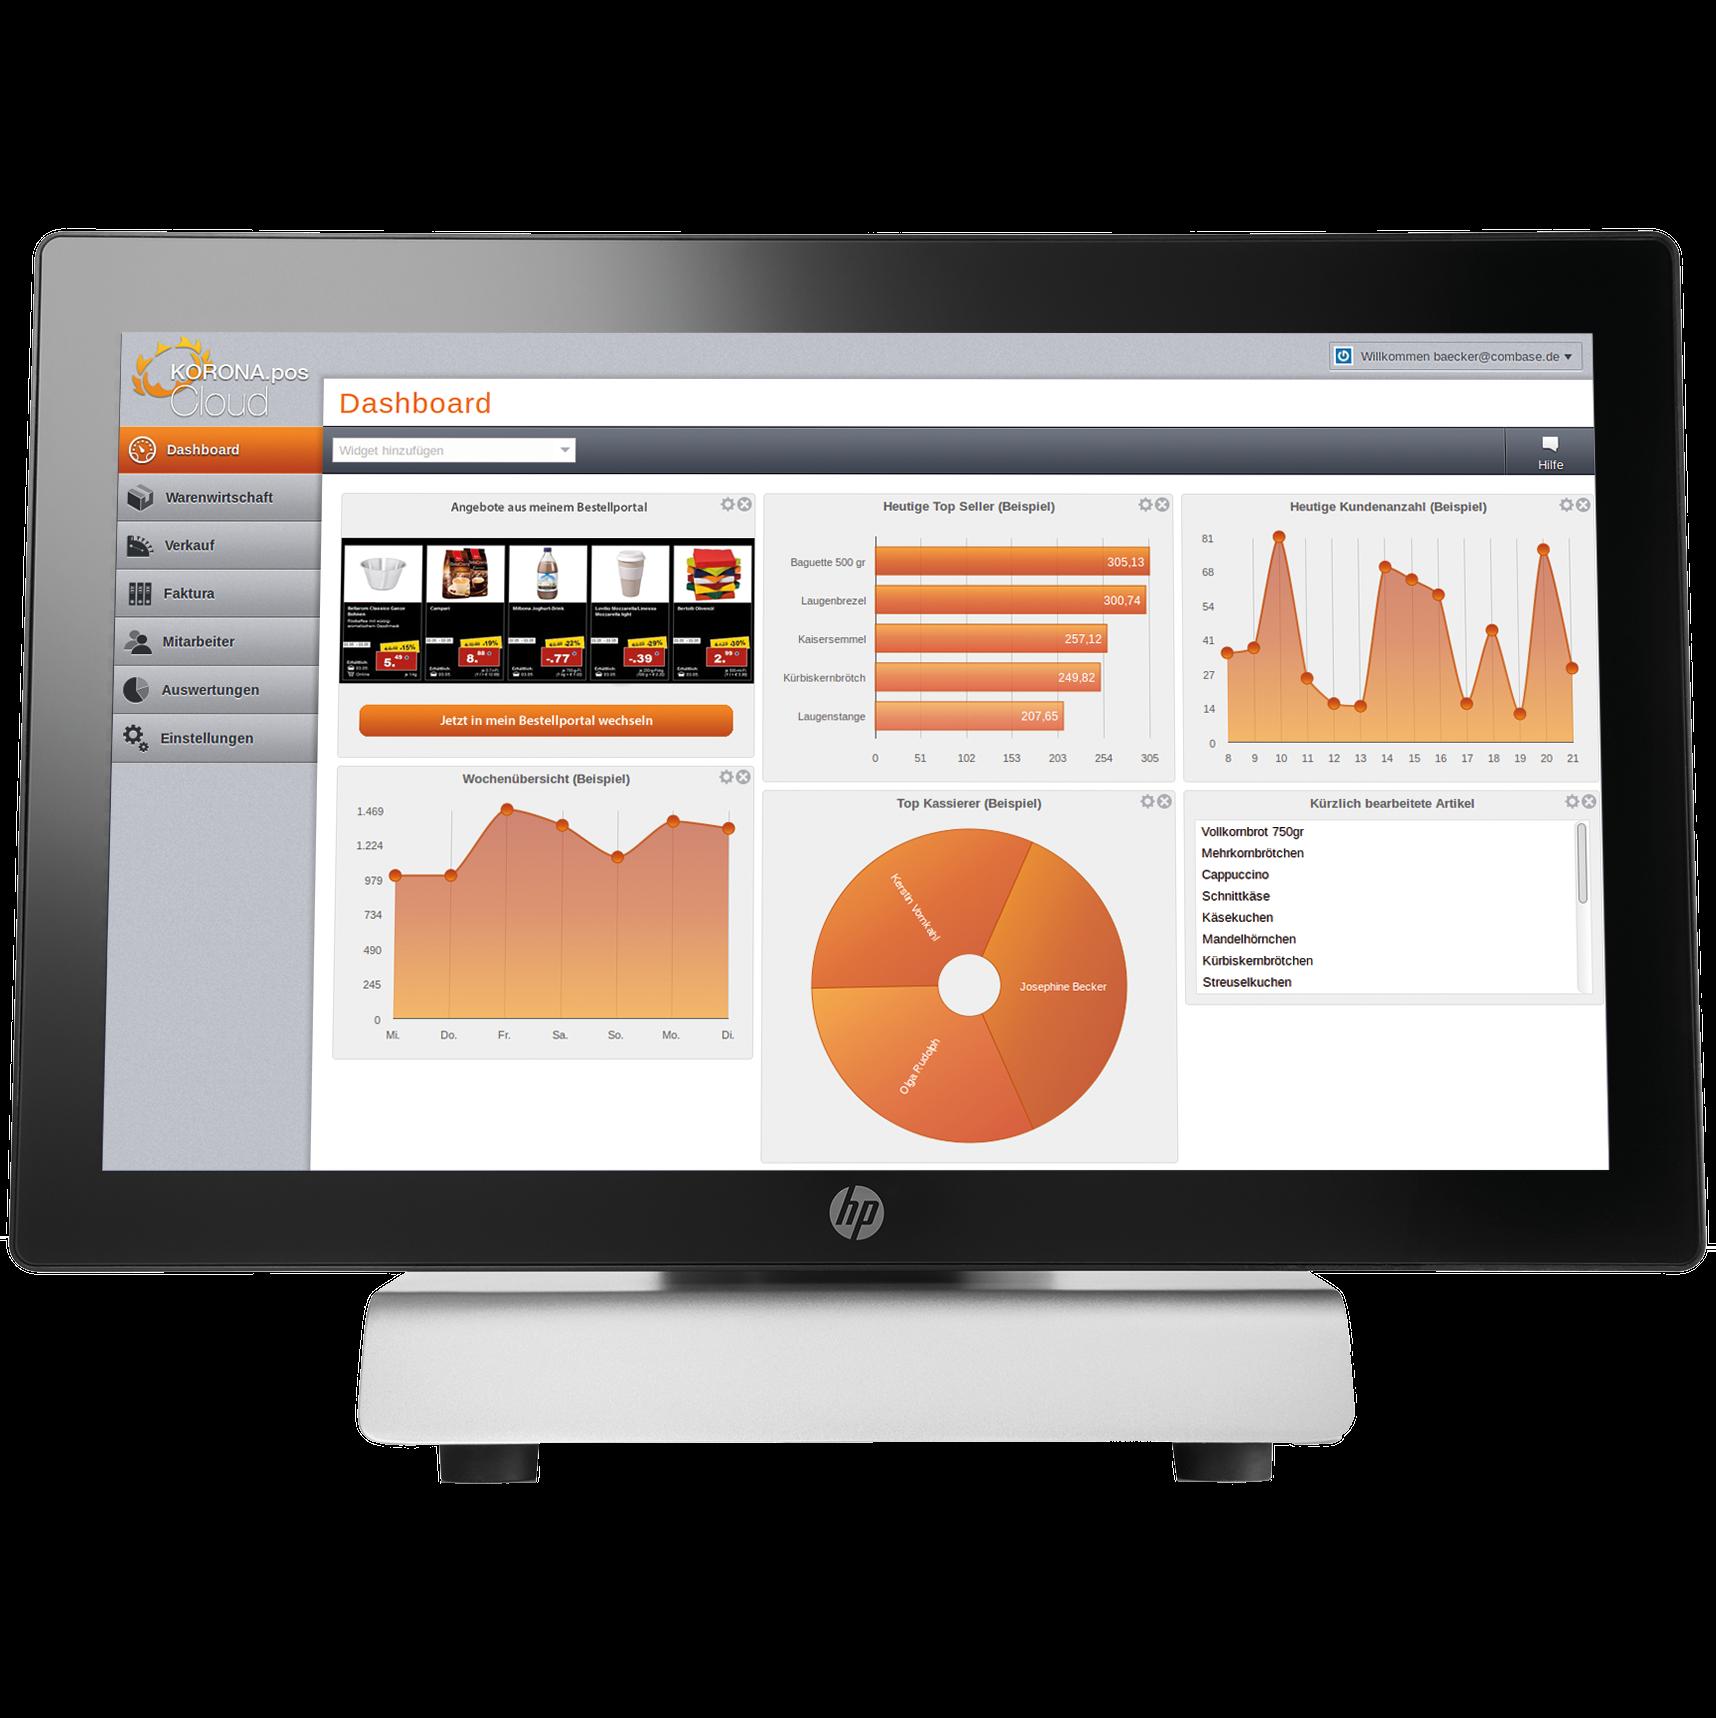 KORONA Software - KORONA Dashboard2